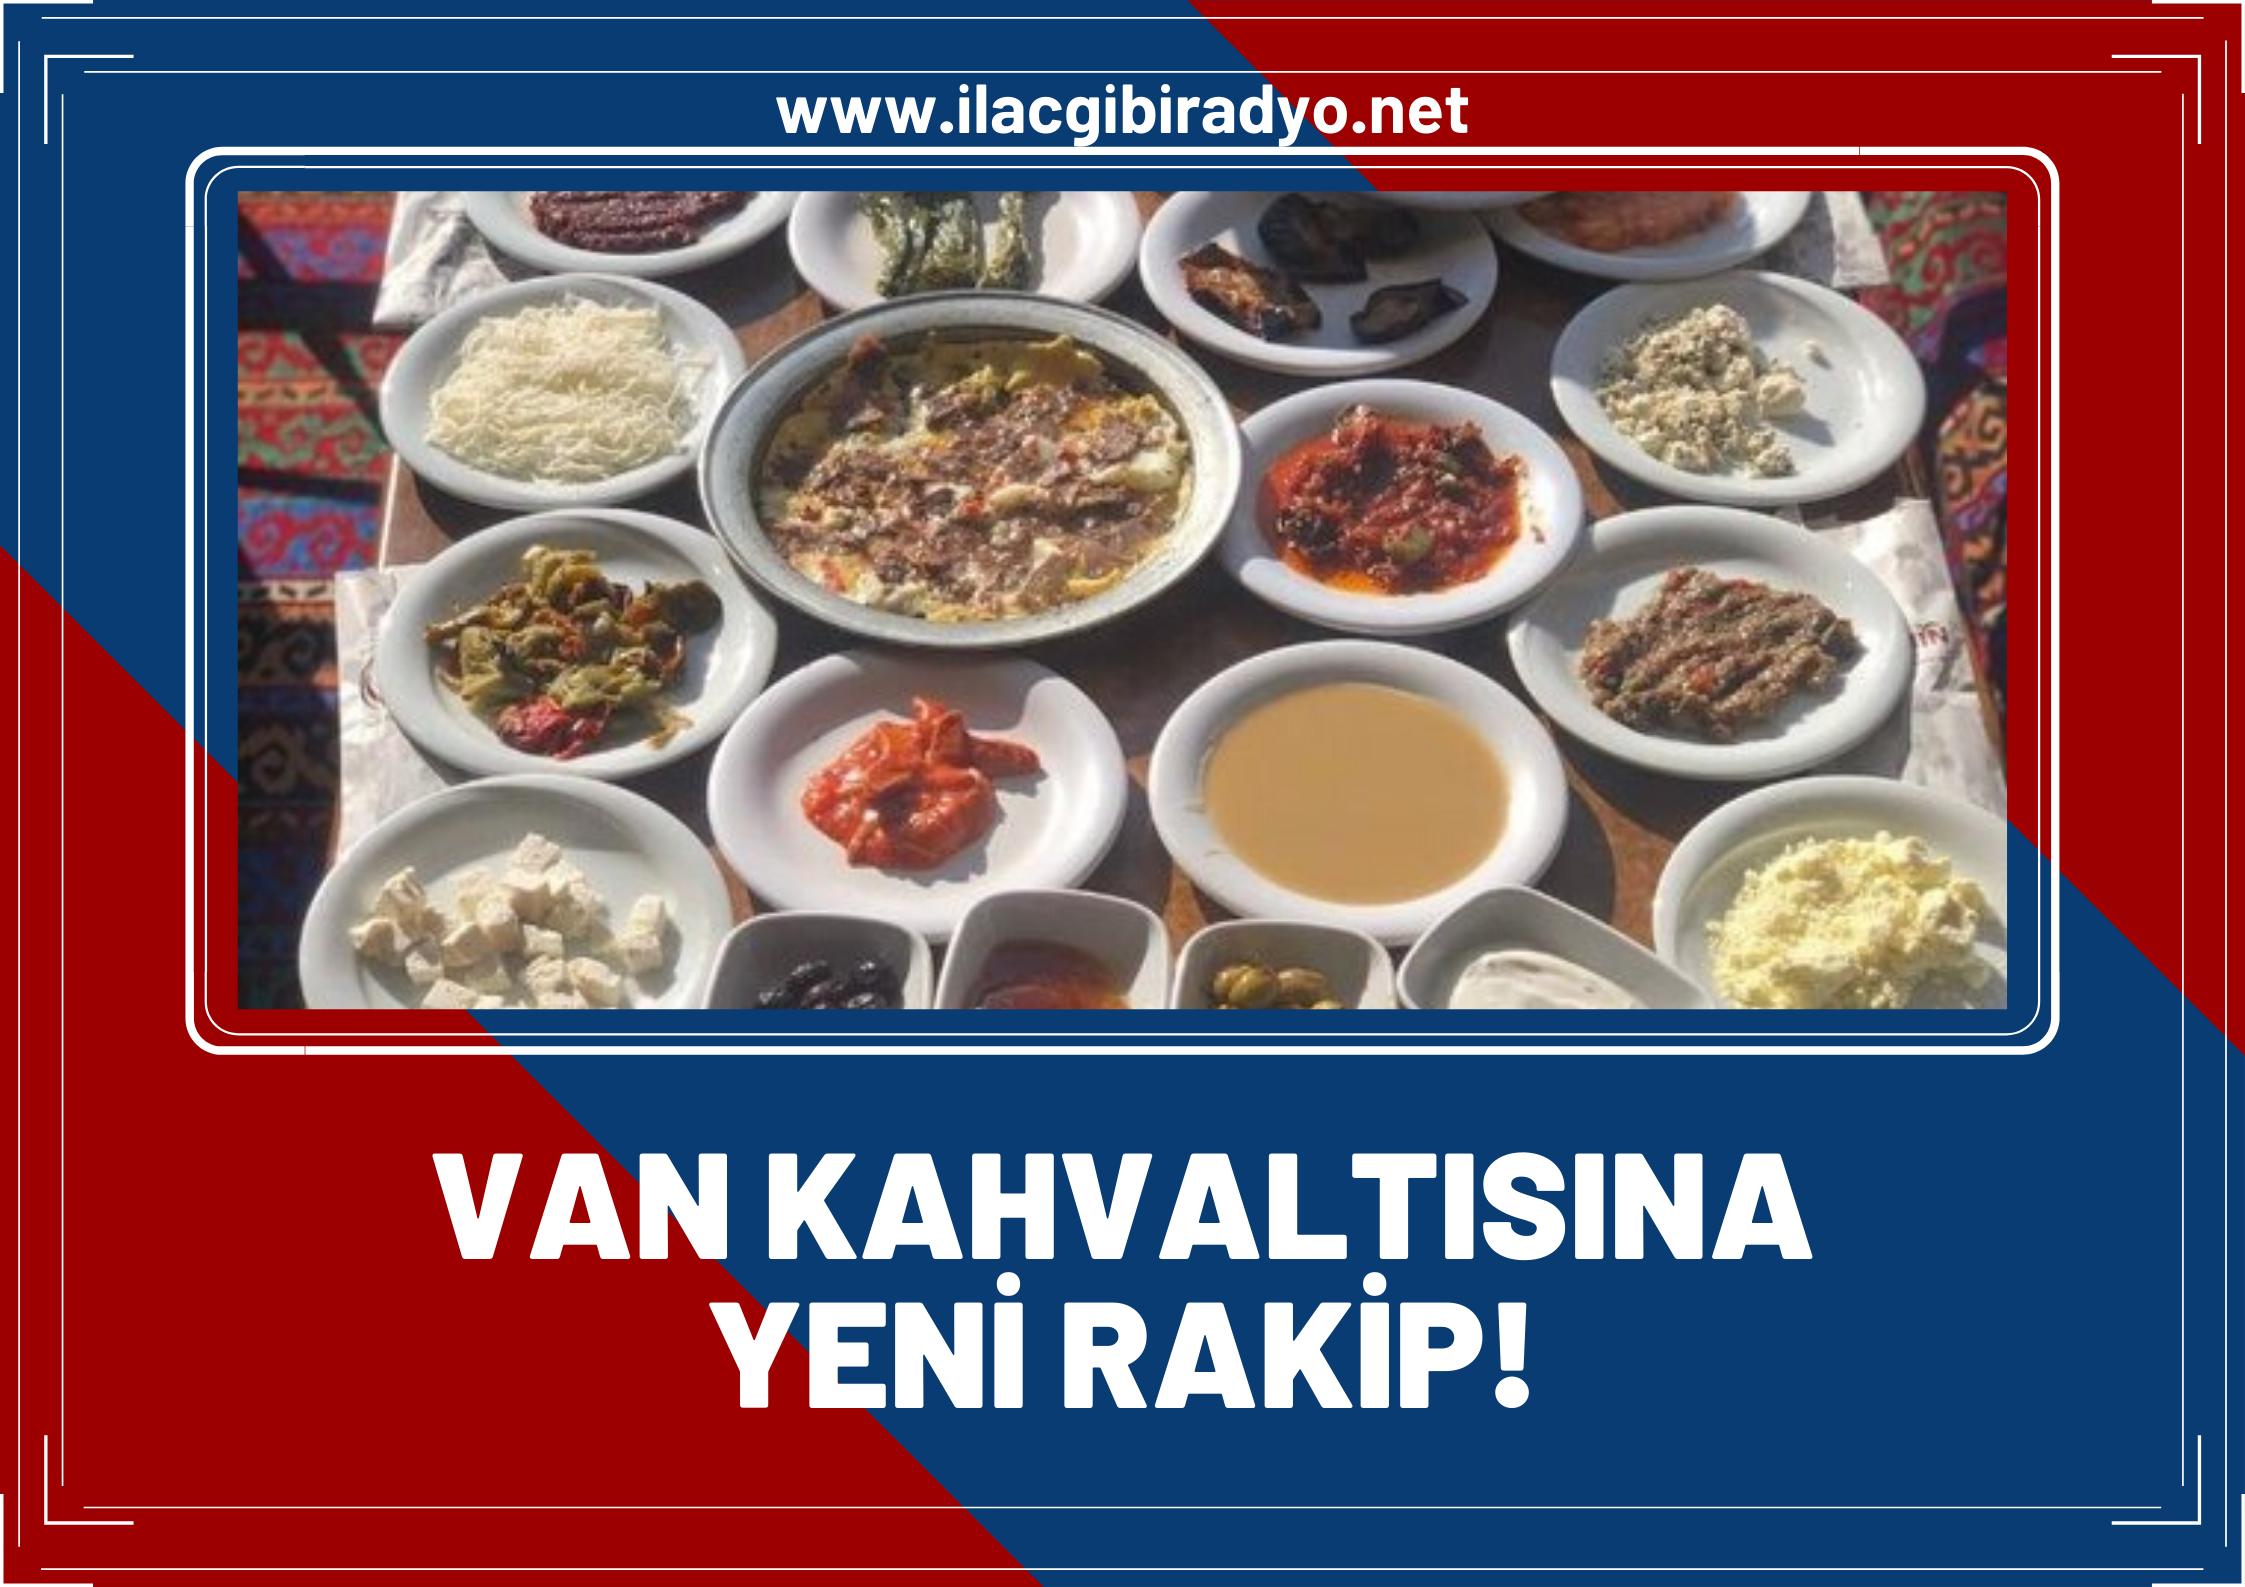 """Van kahvaltısına yeni rakip! """"Diyarbakır kahvaltısı, Van'ı geride bıraktı"""""""